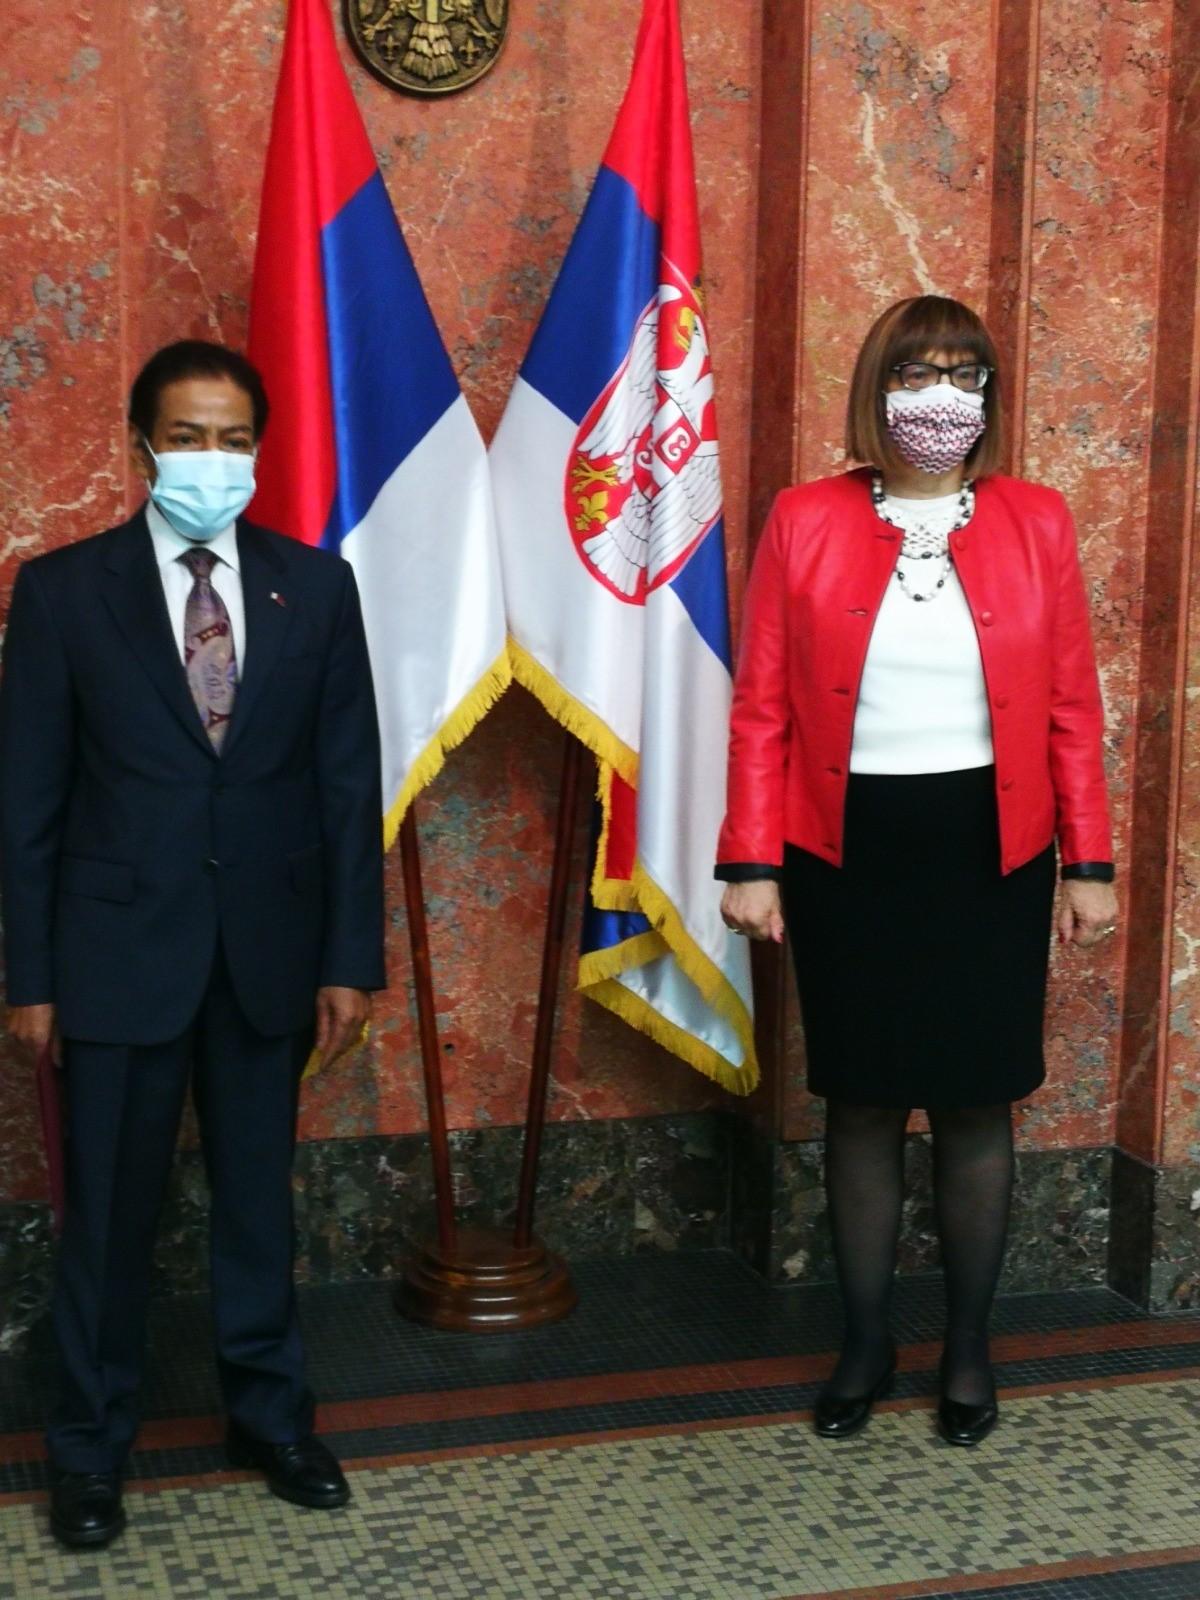 نائبة رئيس الوزراء وزيرة الثقافة والإعلام في  صربيا تجتمع  مع سفير قطر